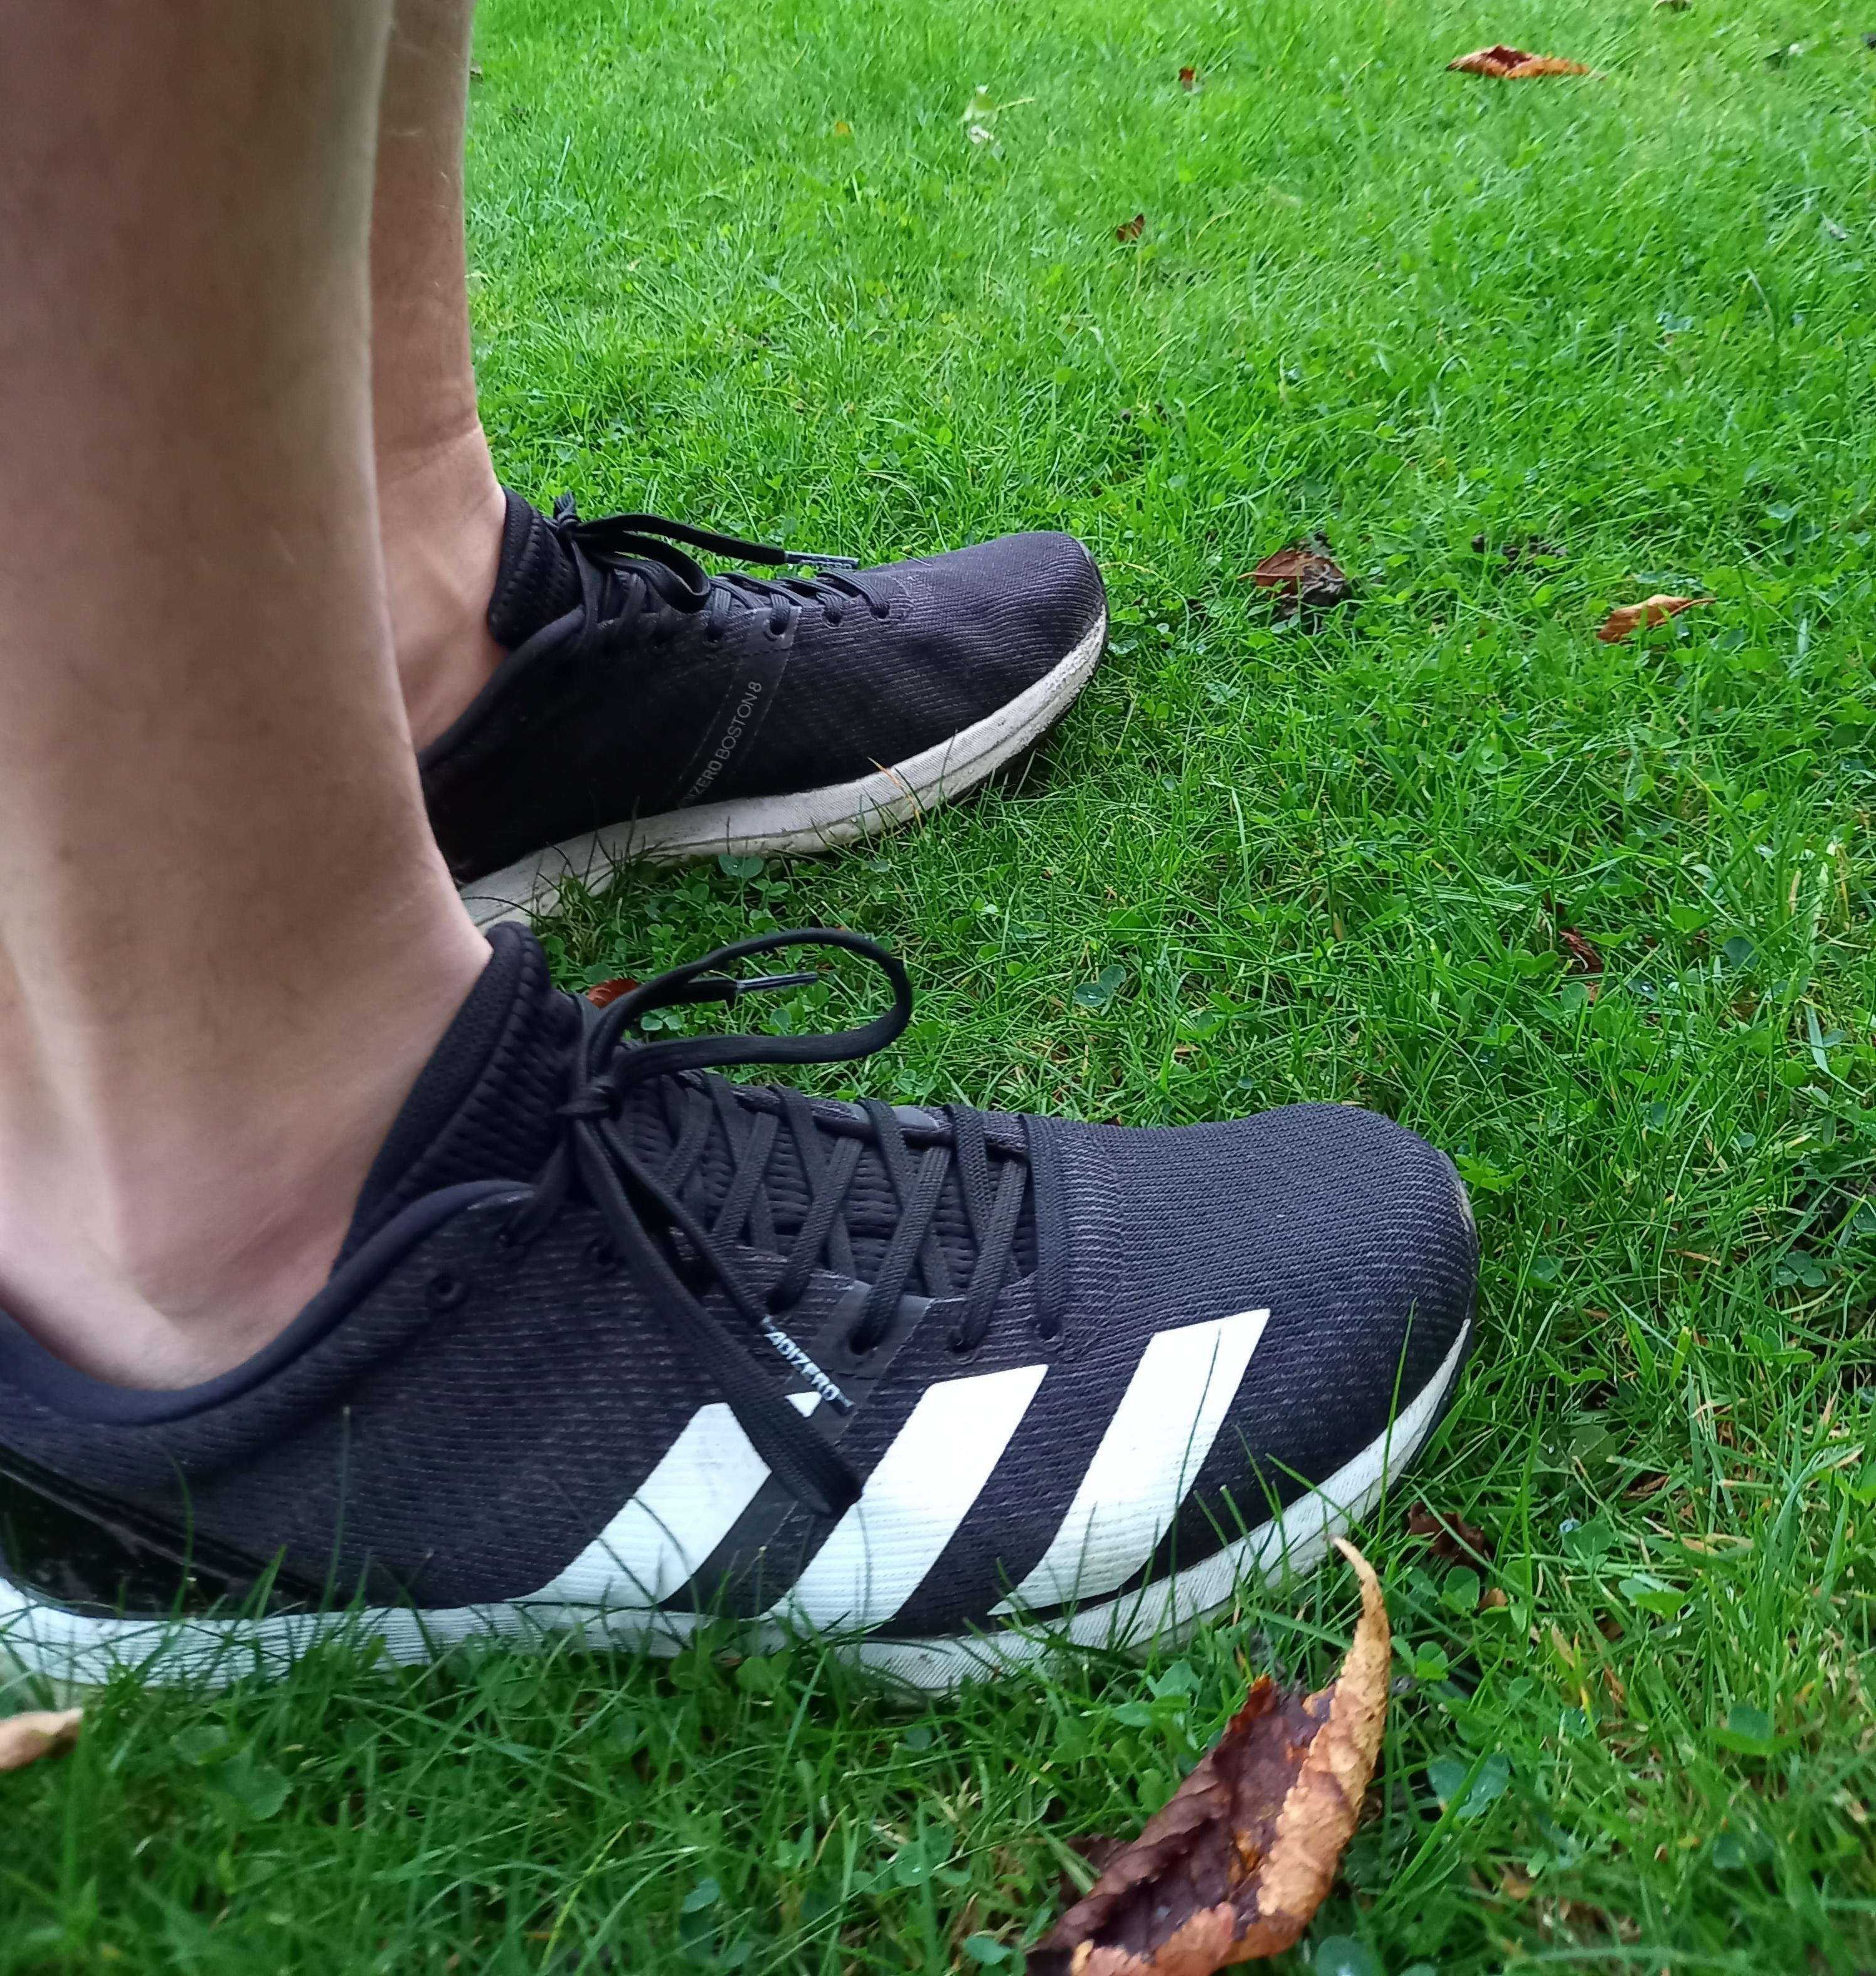 Adidas-Adizero-Boston-8-black-adidas-running-shoes.jpg